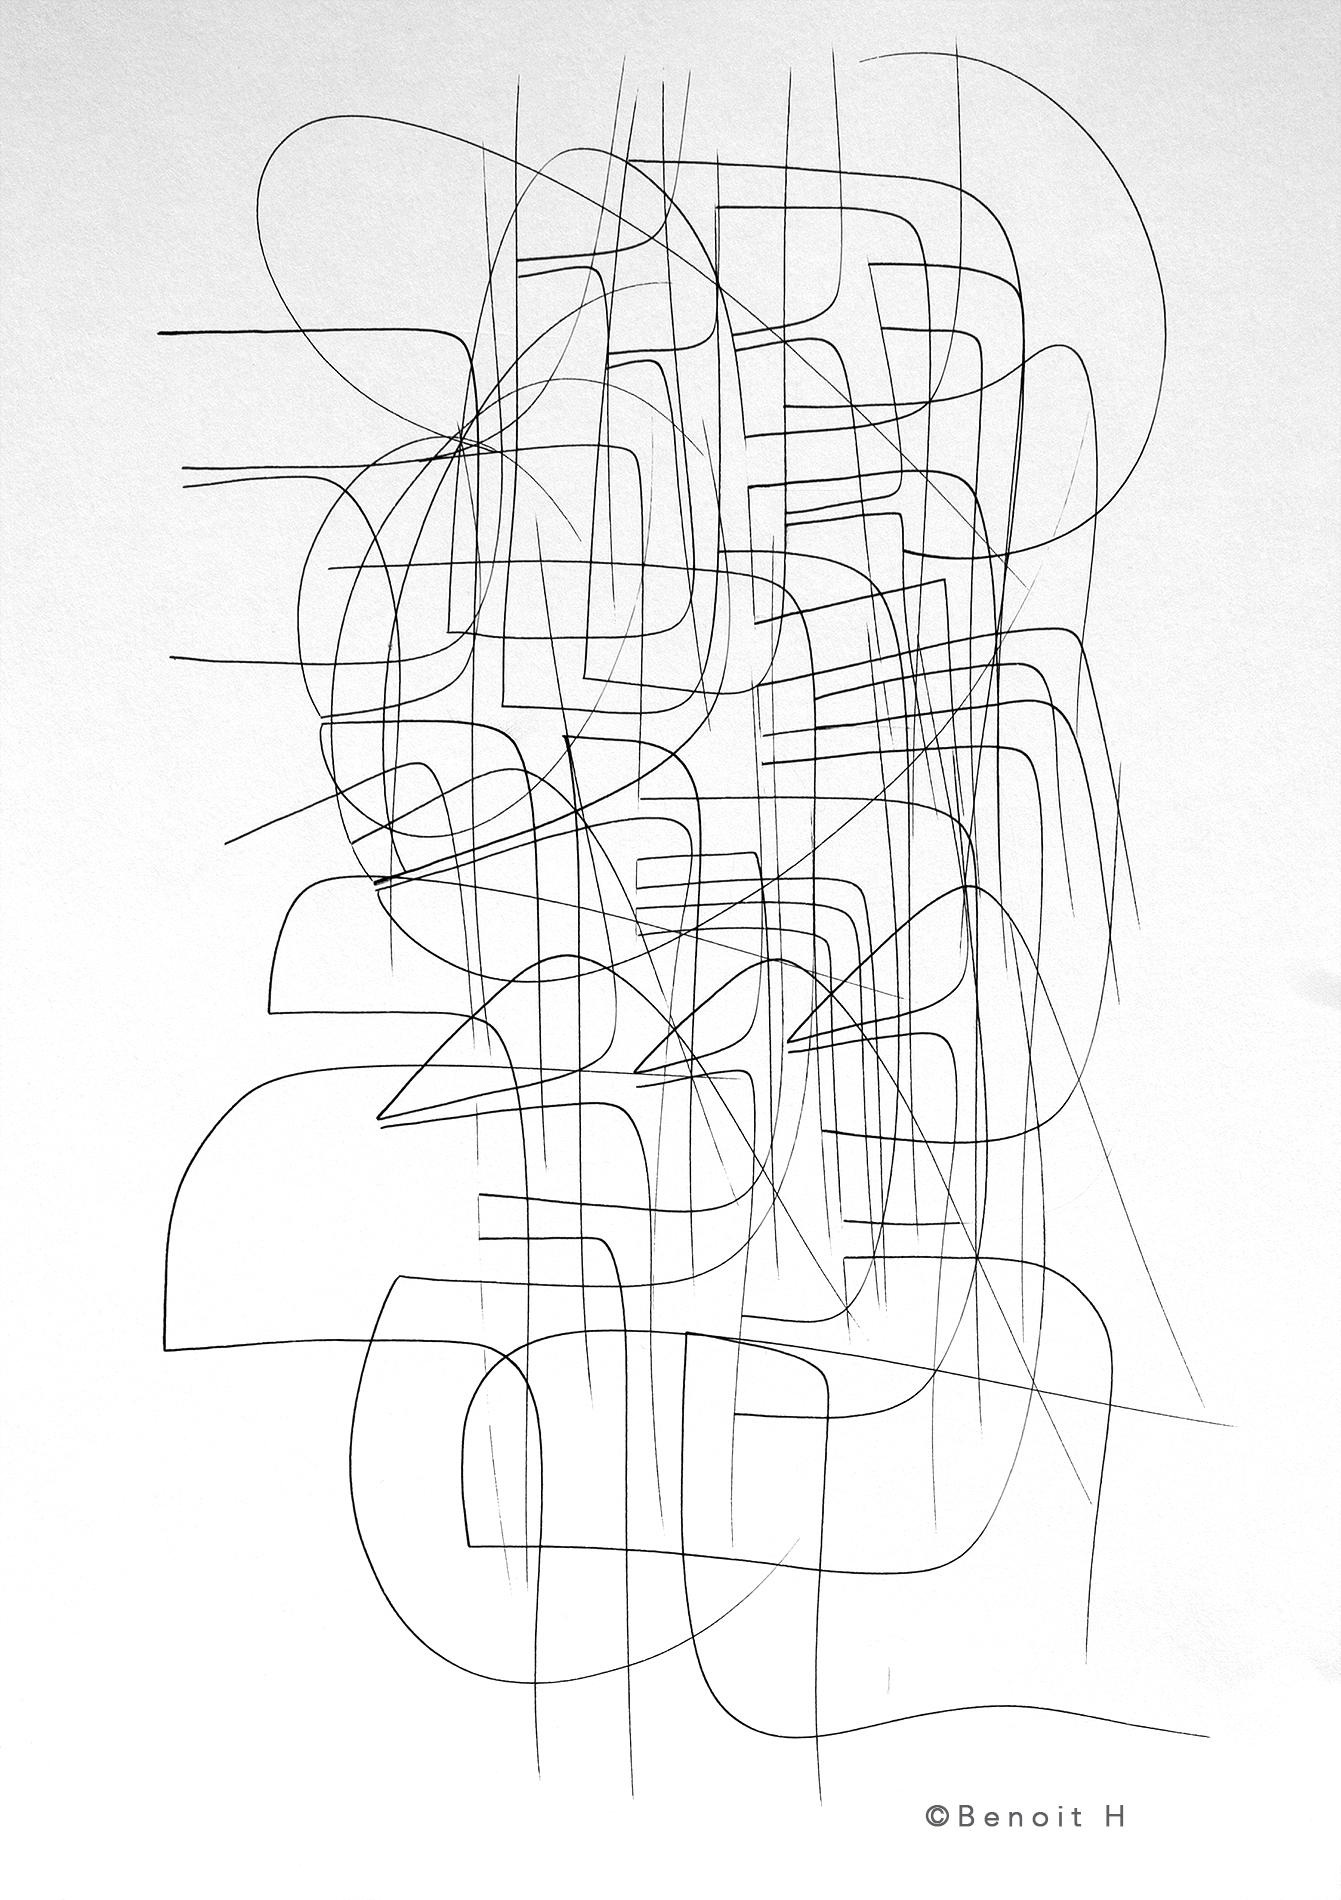 Mise en ligne du site de l'artiste Benoit H